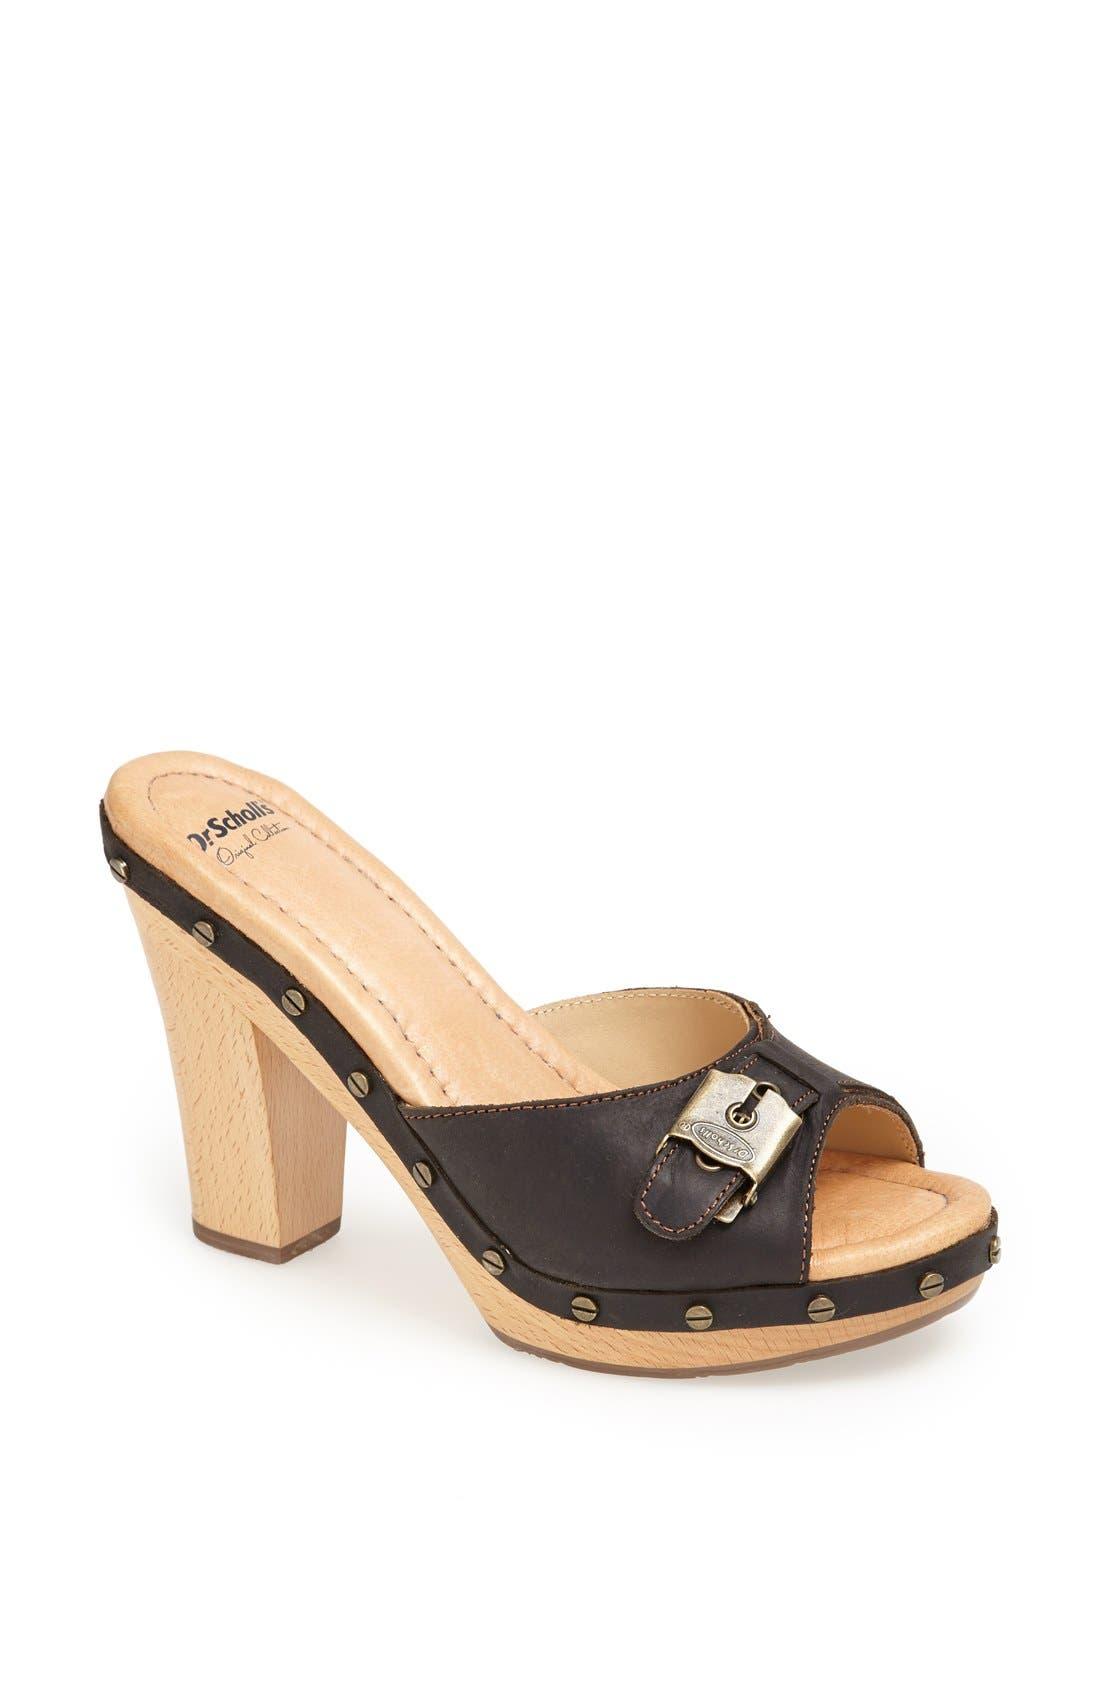 Main Image - Dr. Scholl's 'Lia' Sandal